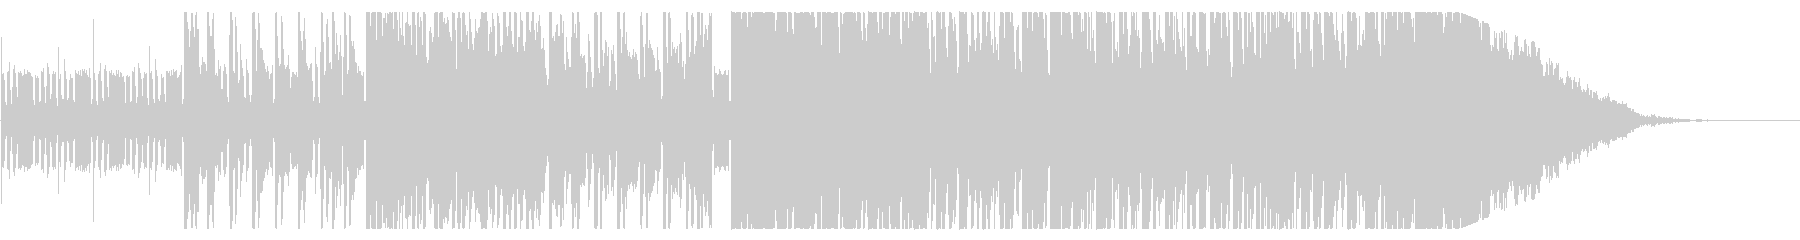 重厚感のあるEDMの未再生の波形